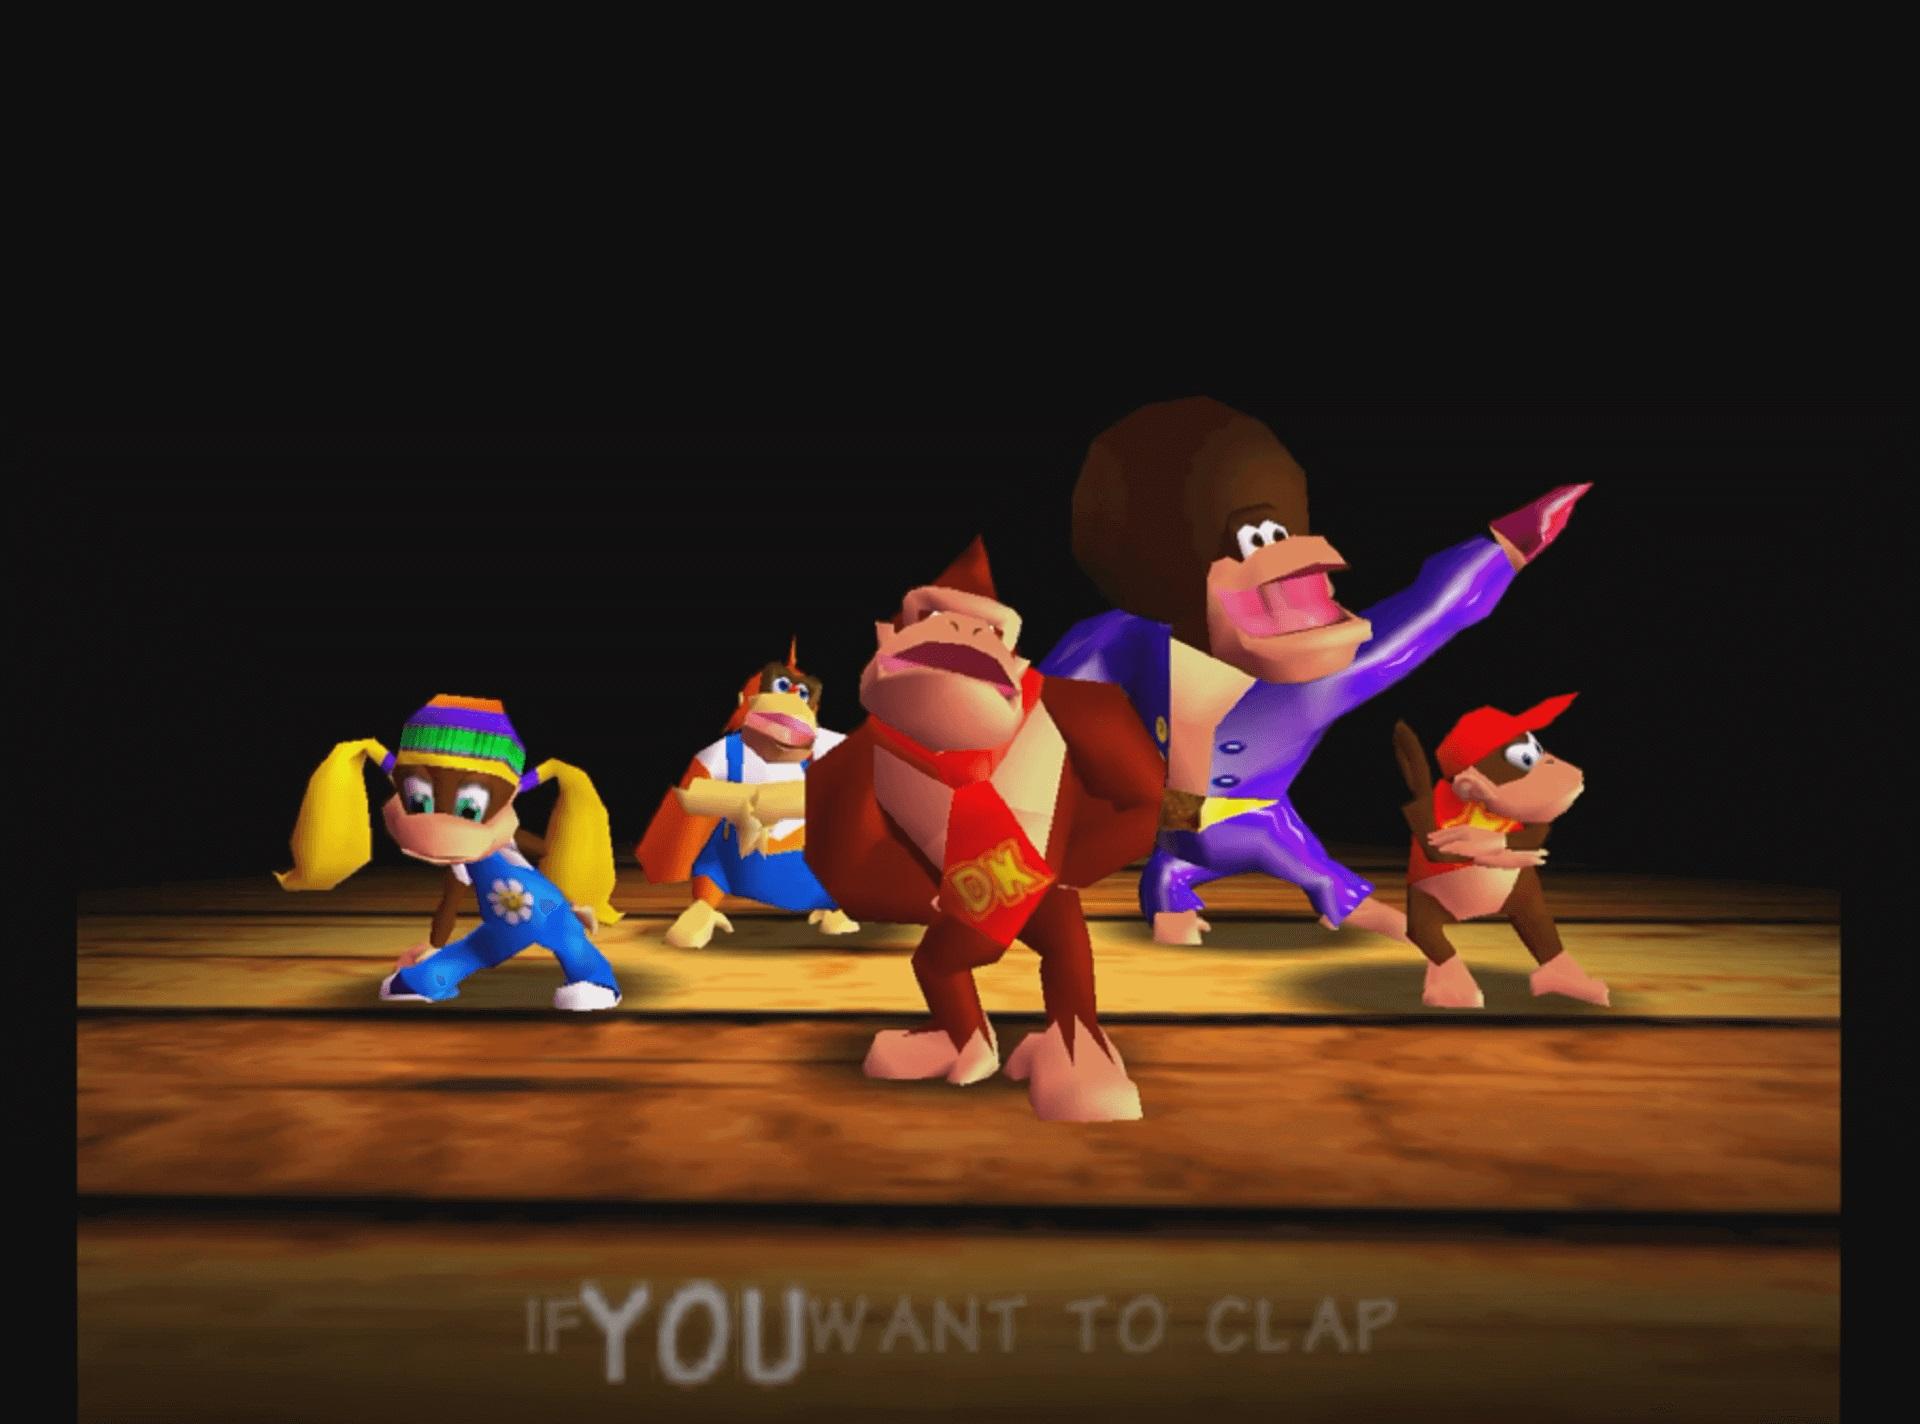 Donkey Kong und seine Freunde tanzen